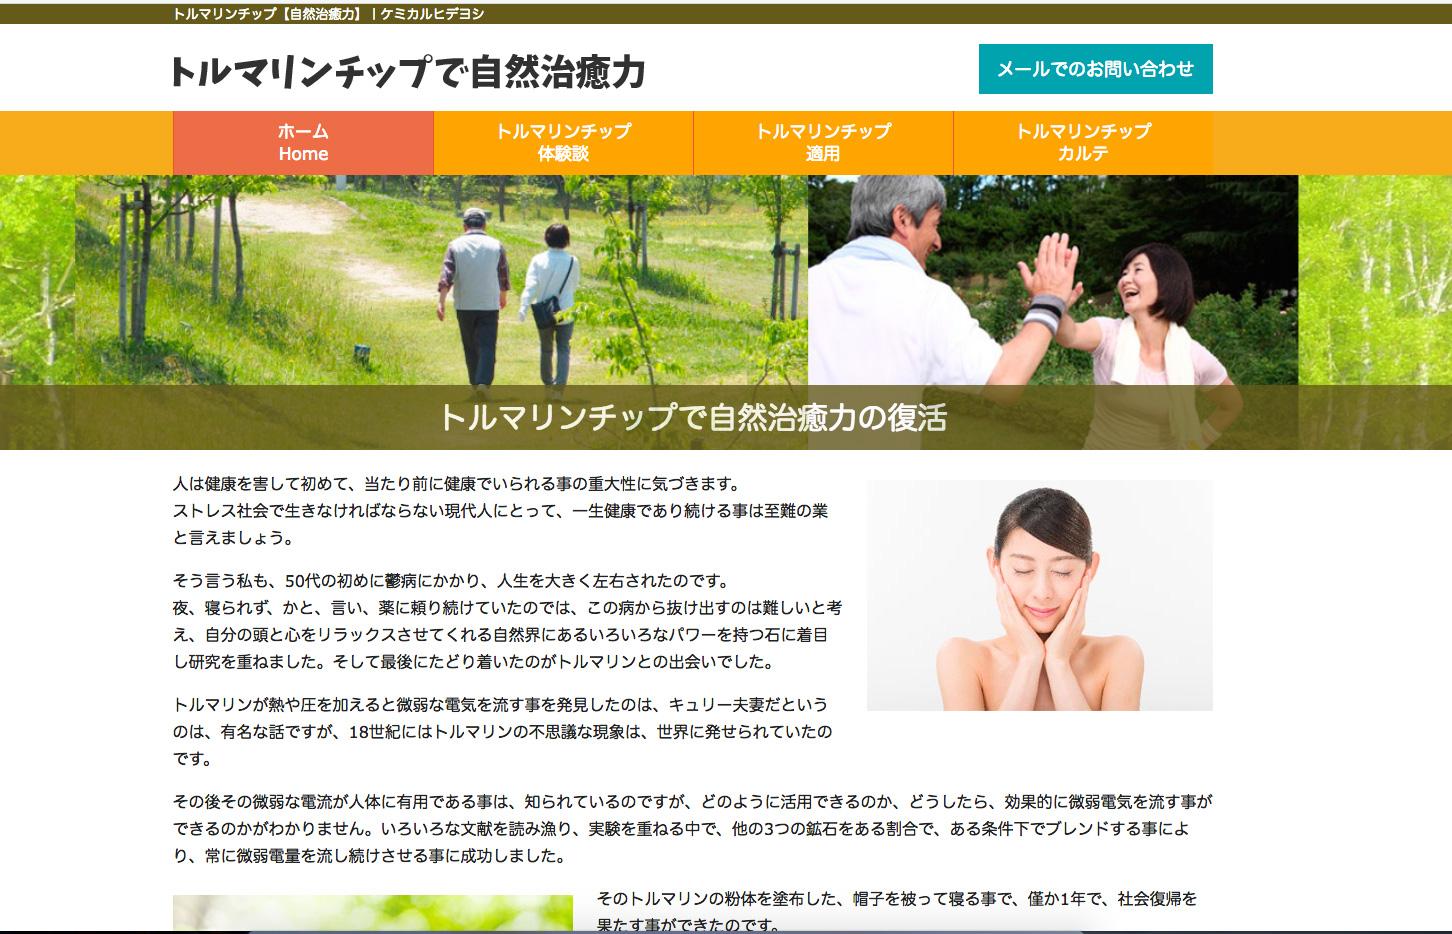 ケミカルヒデヨシ様ホームページができました。